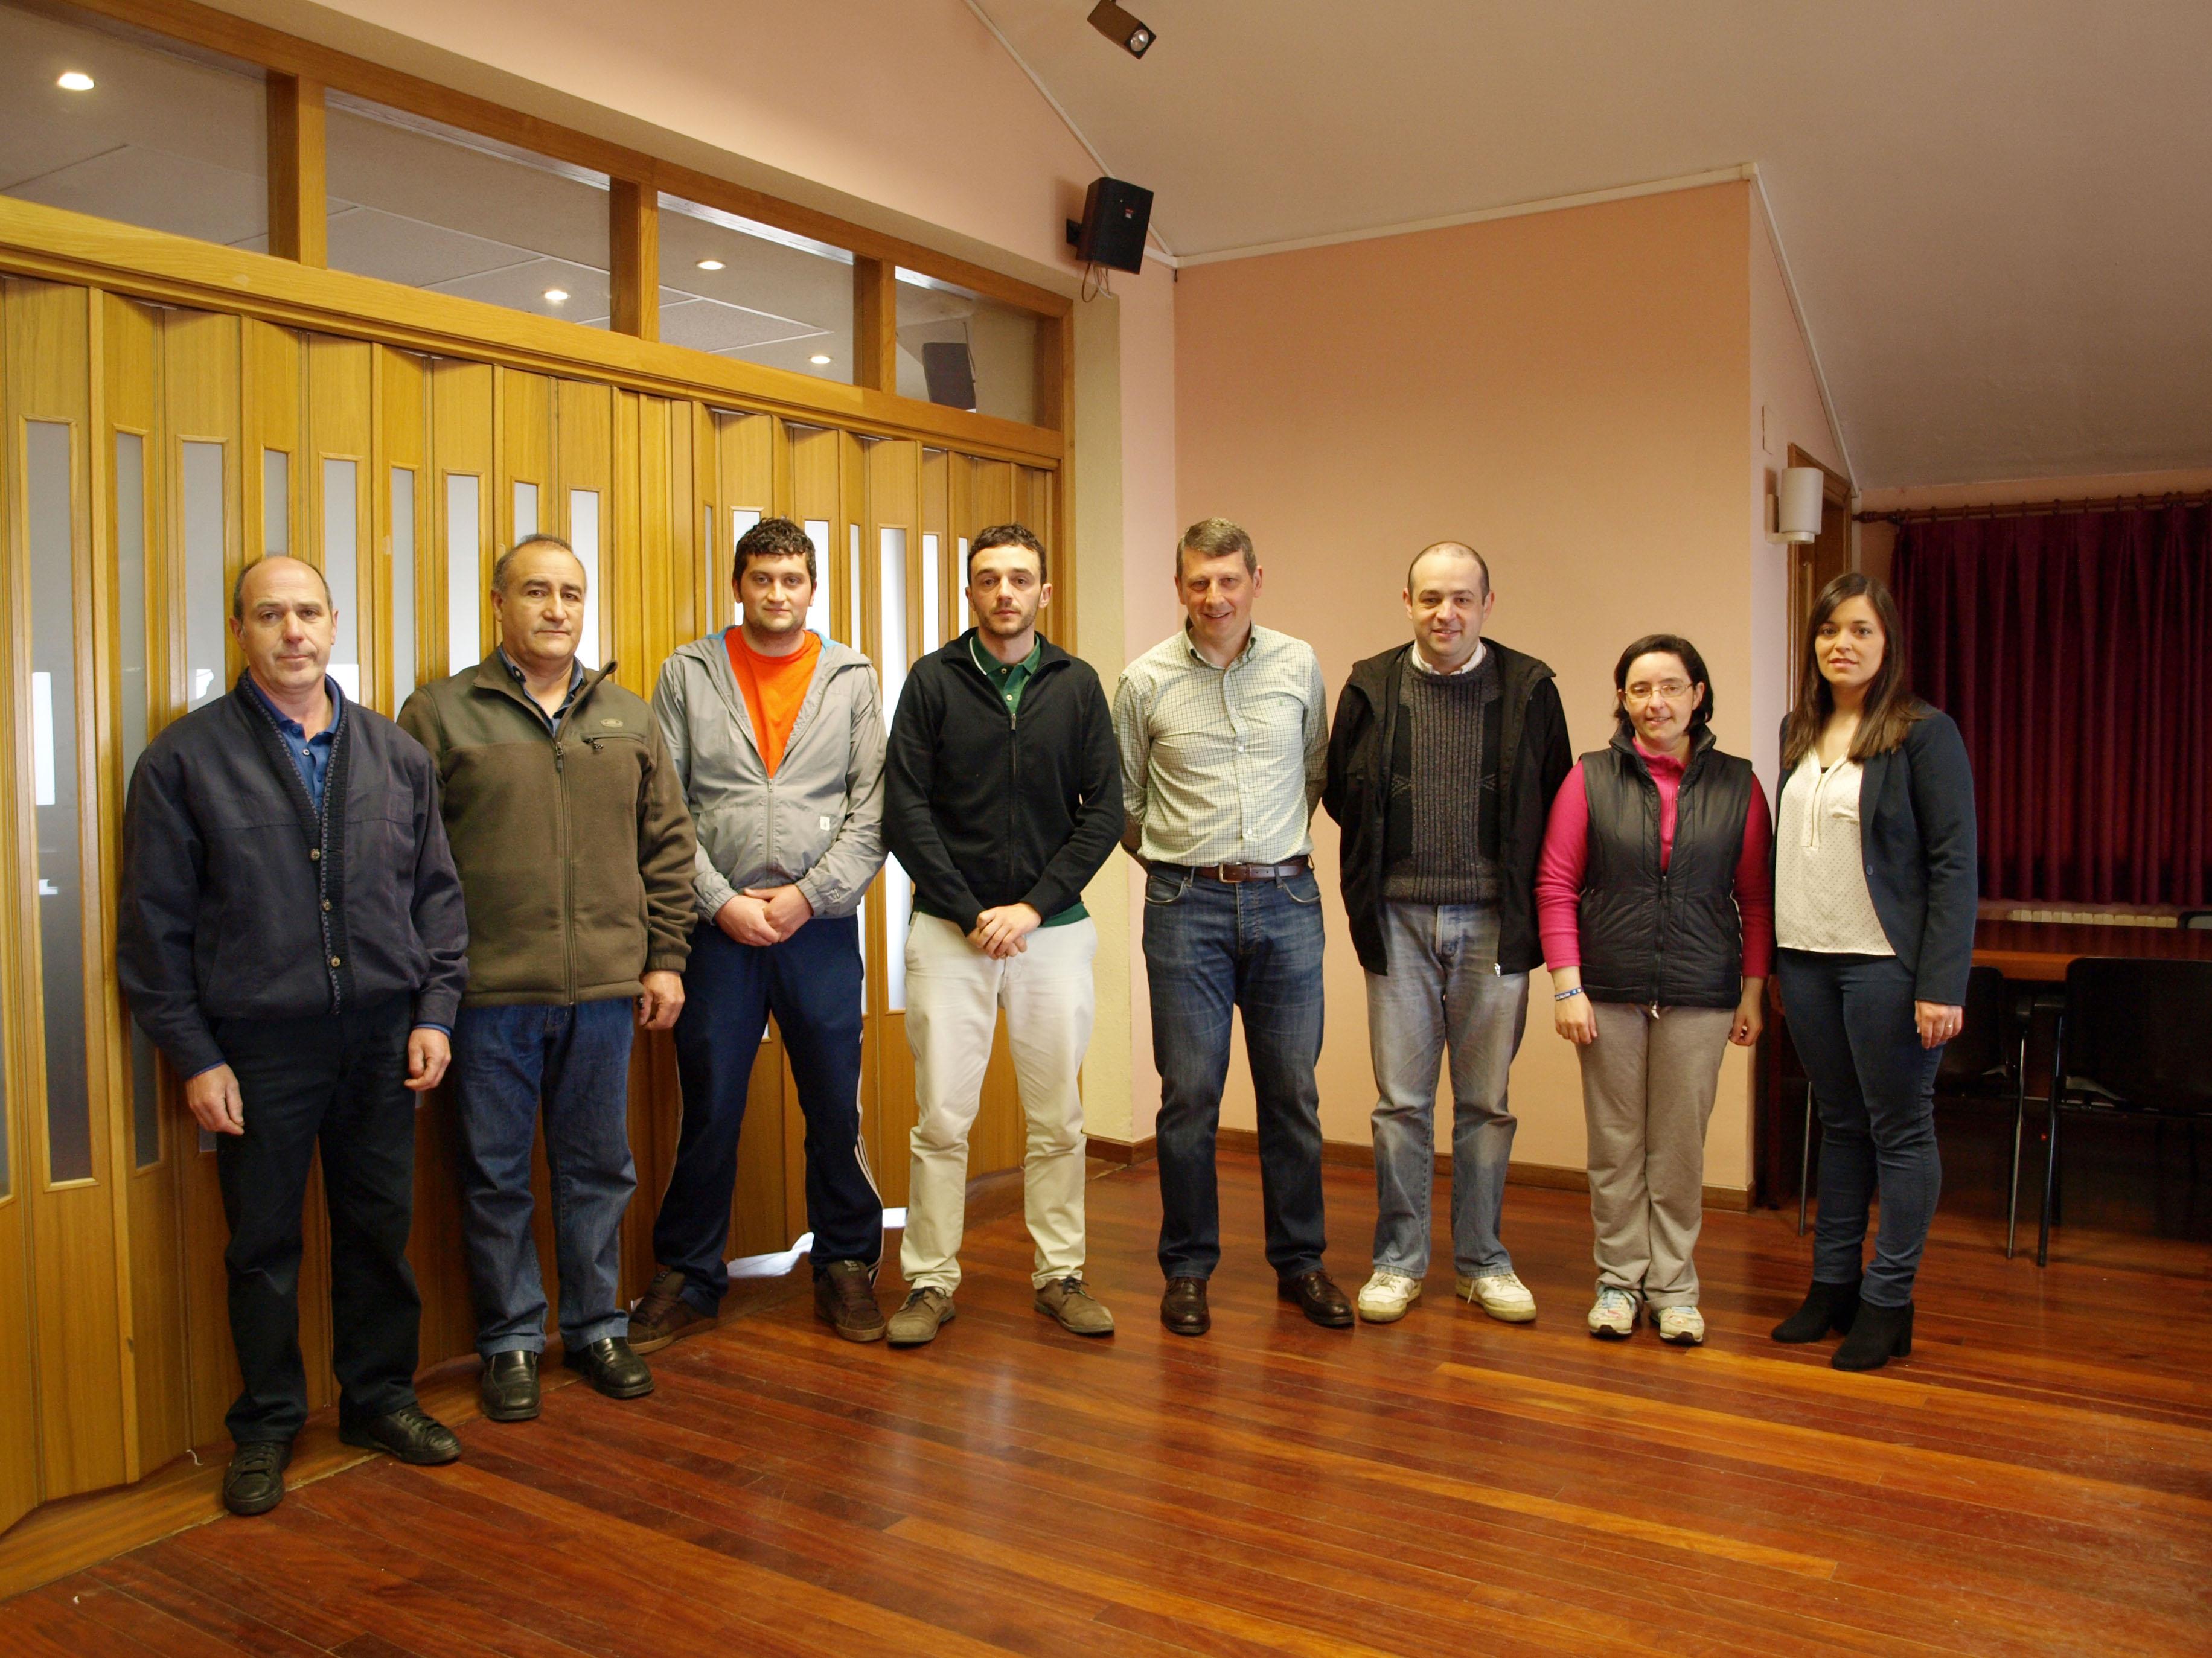 TINEO.- El Ayuntamiento incorpora 4 trabajadores al Plan de Empleo